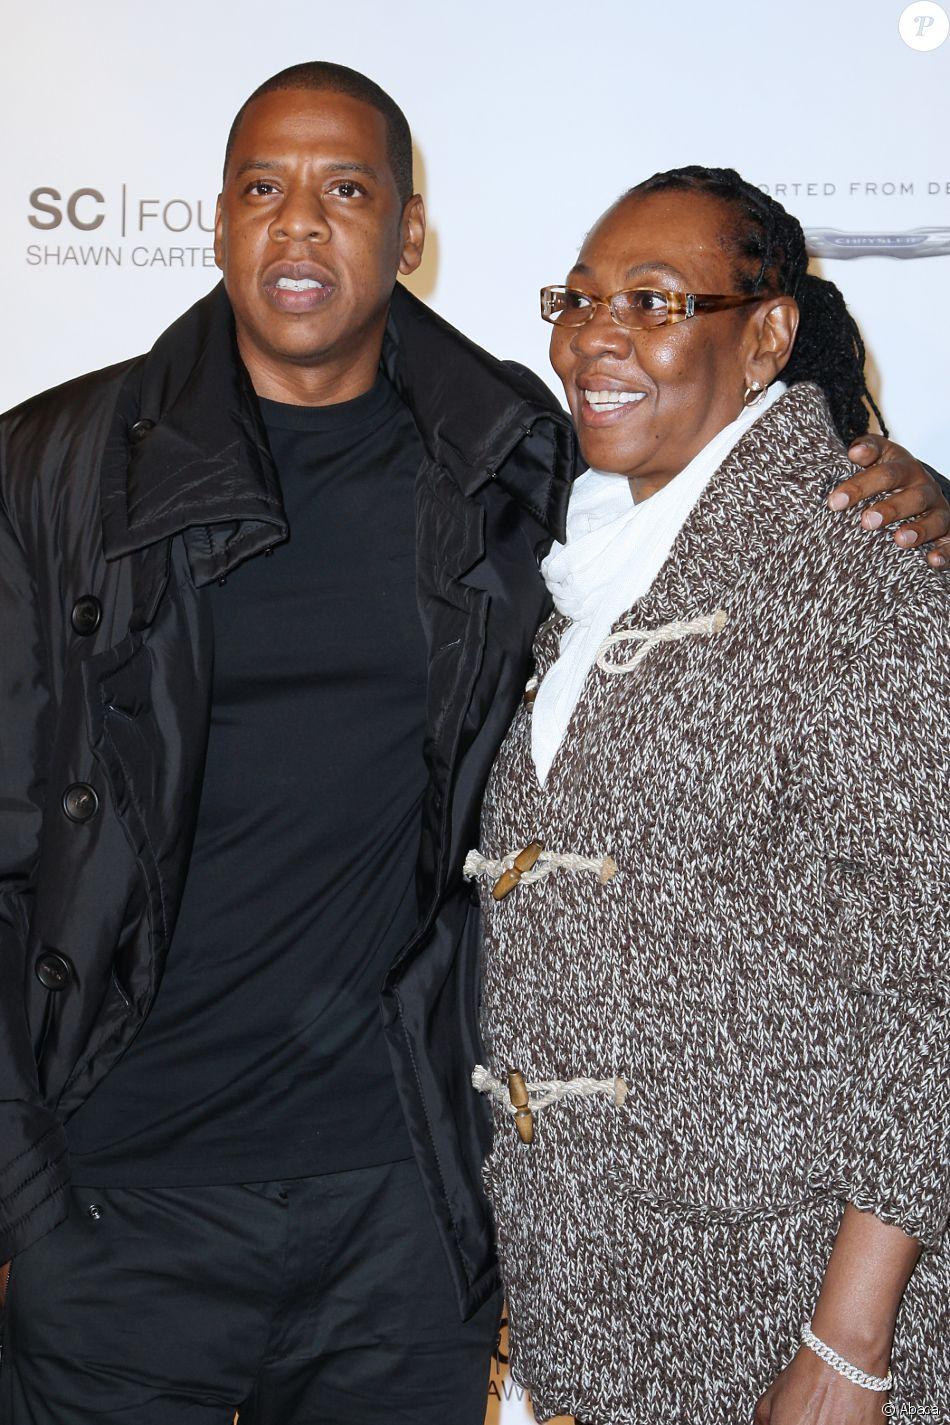 Jay-Z et sa mère Gloria Carter à la soirée de gala de la Shawn Carter Foundation à New York le 29 septembre 2011